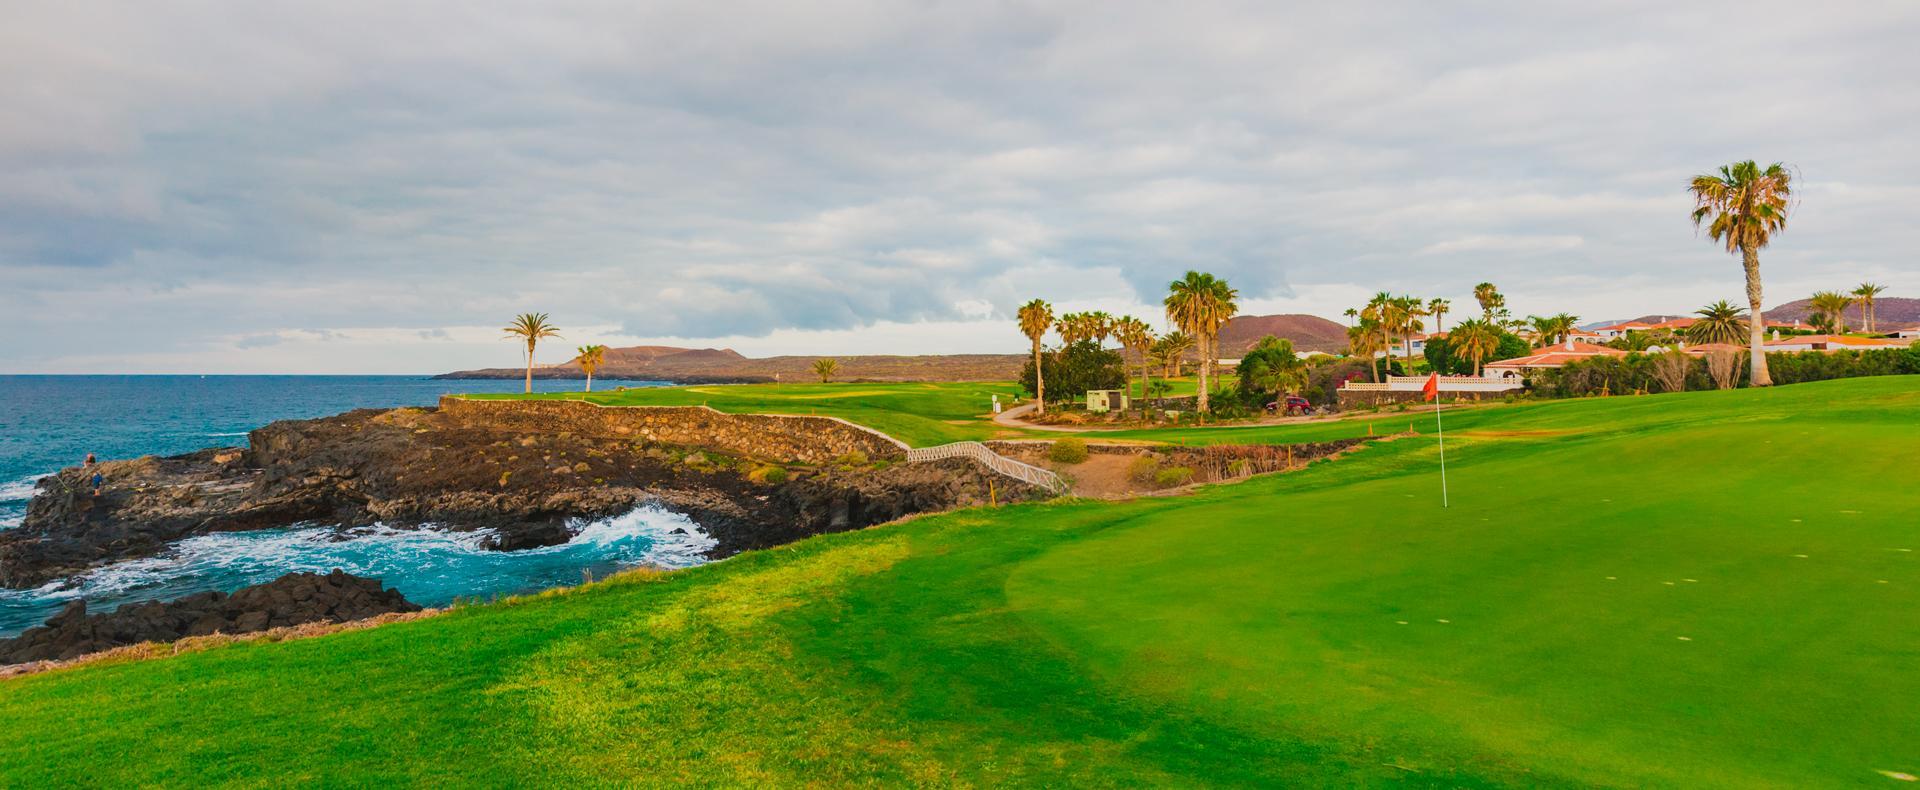 Laissez nous vous guider vers les plus beaux golfs du monde ...